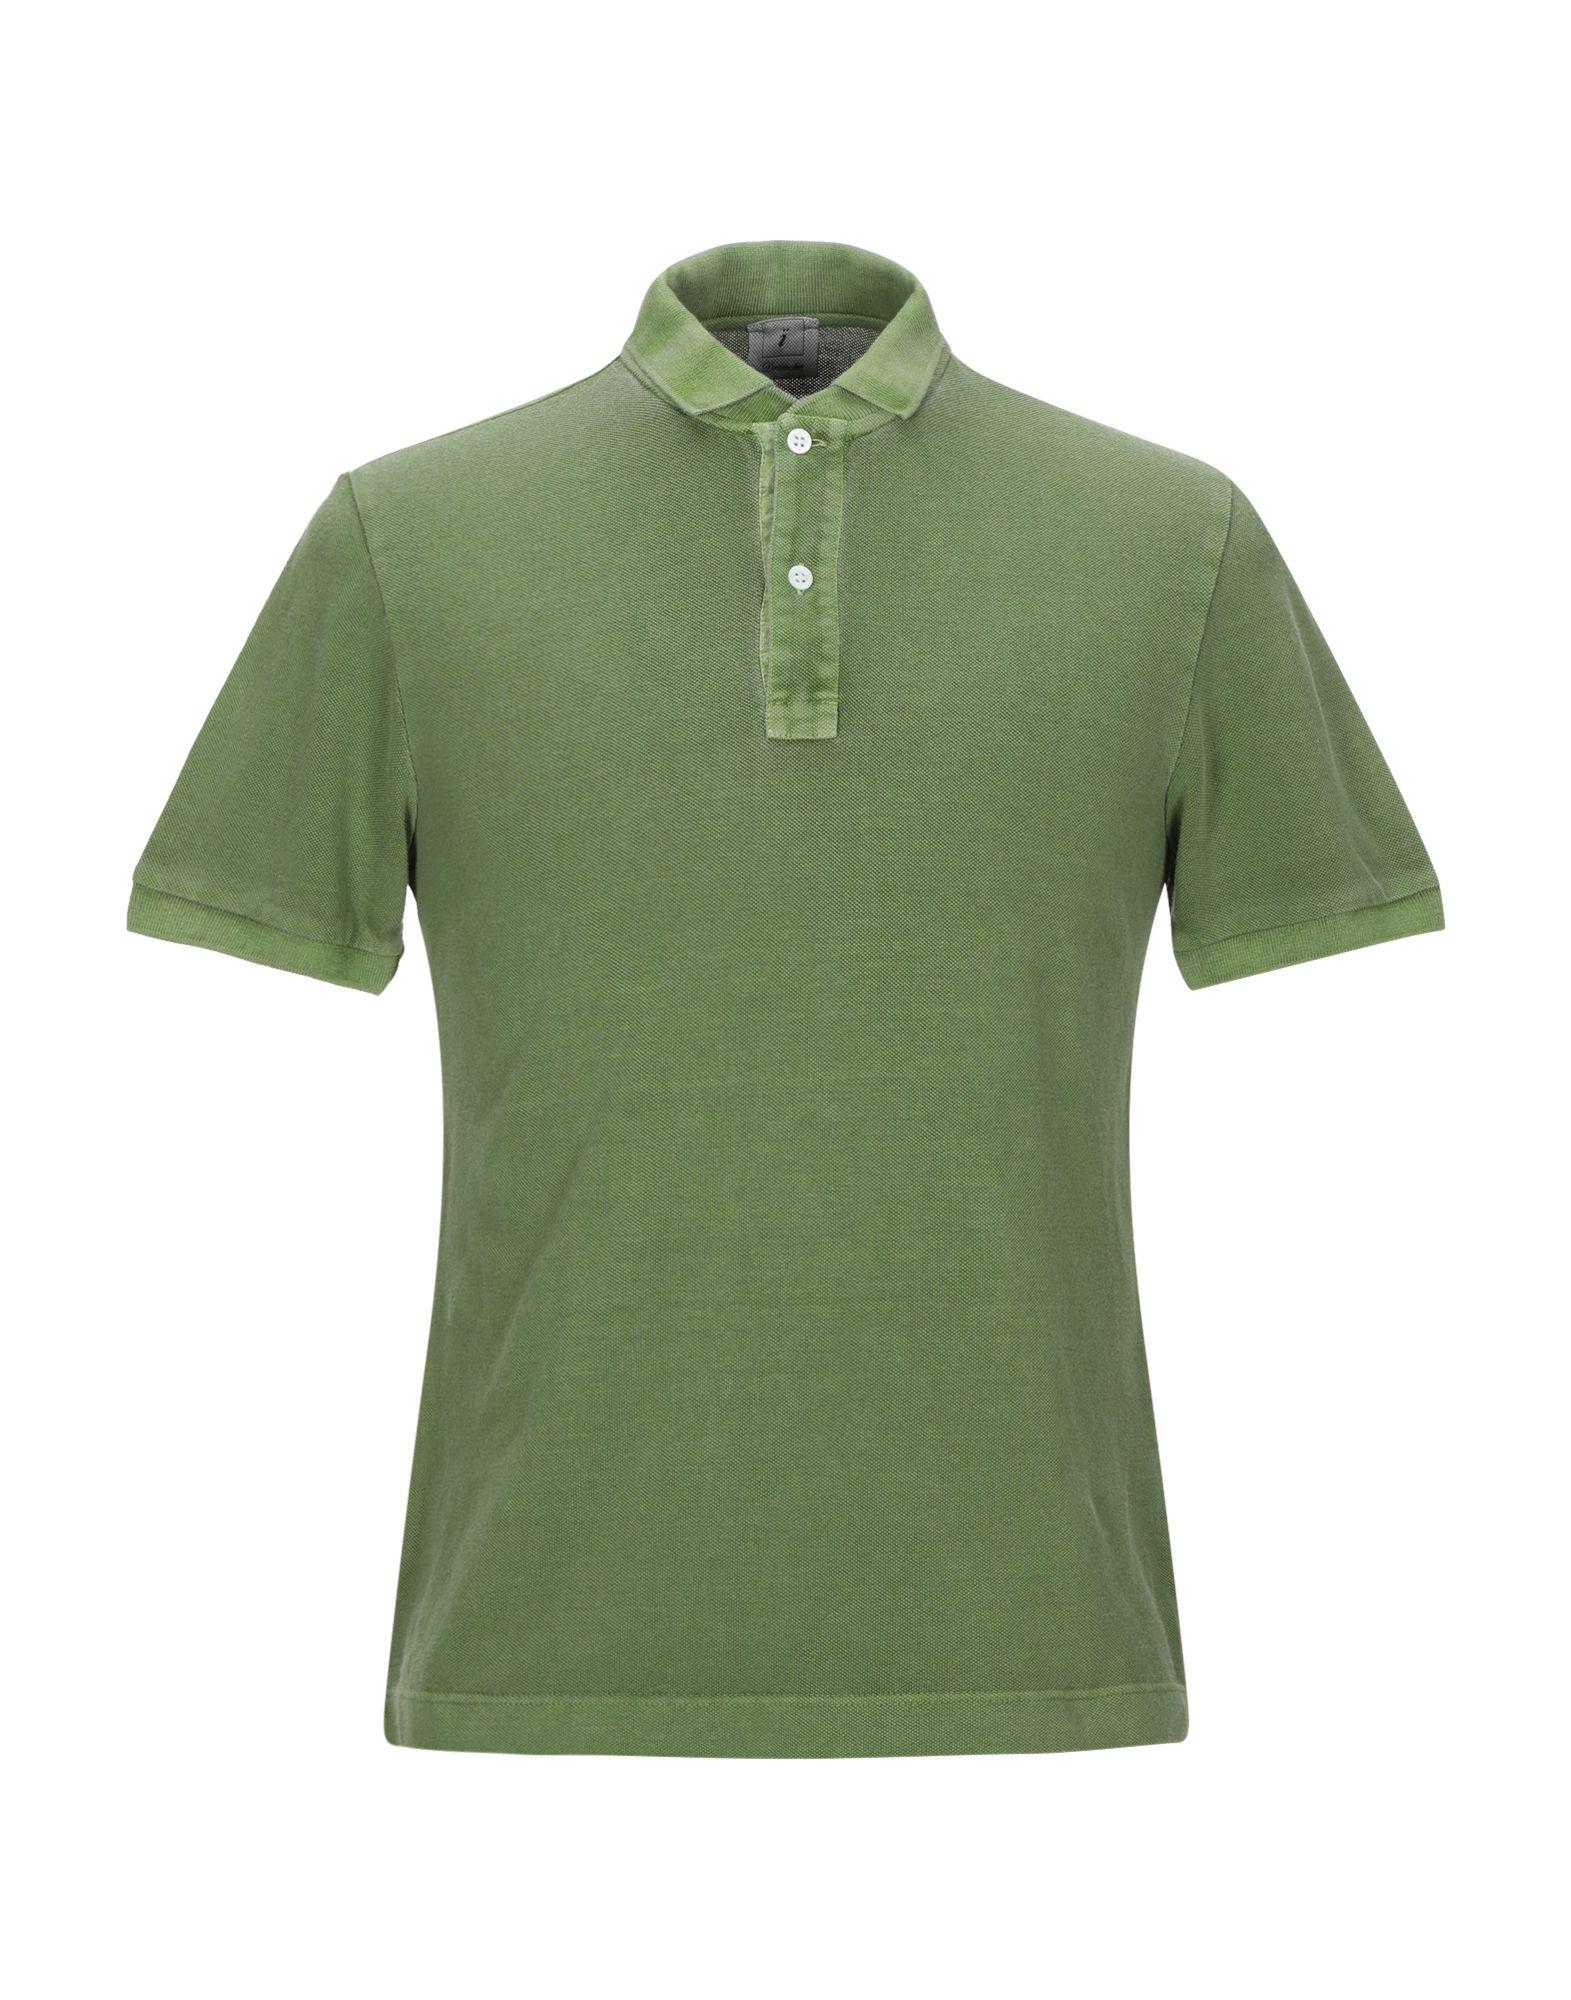 《送料無料》DRUMOHR メンズ ポロシャツ ミリタリーグリーン S コットン 100%